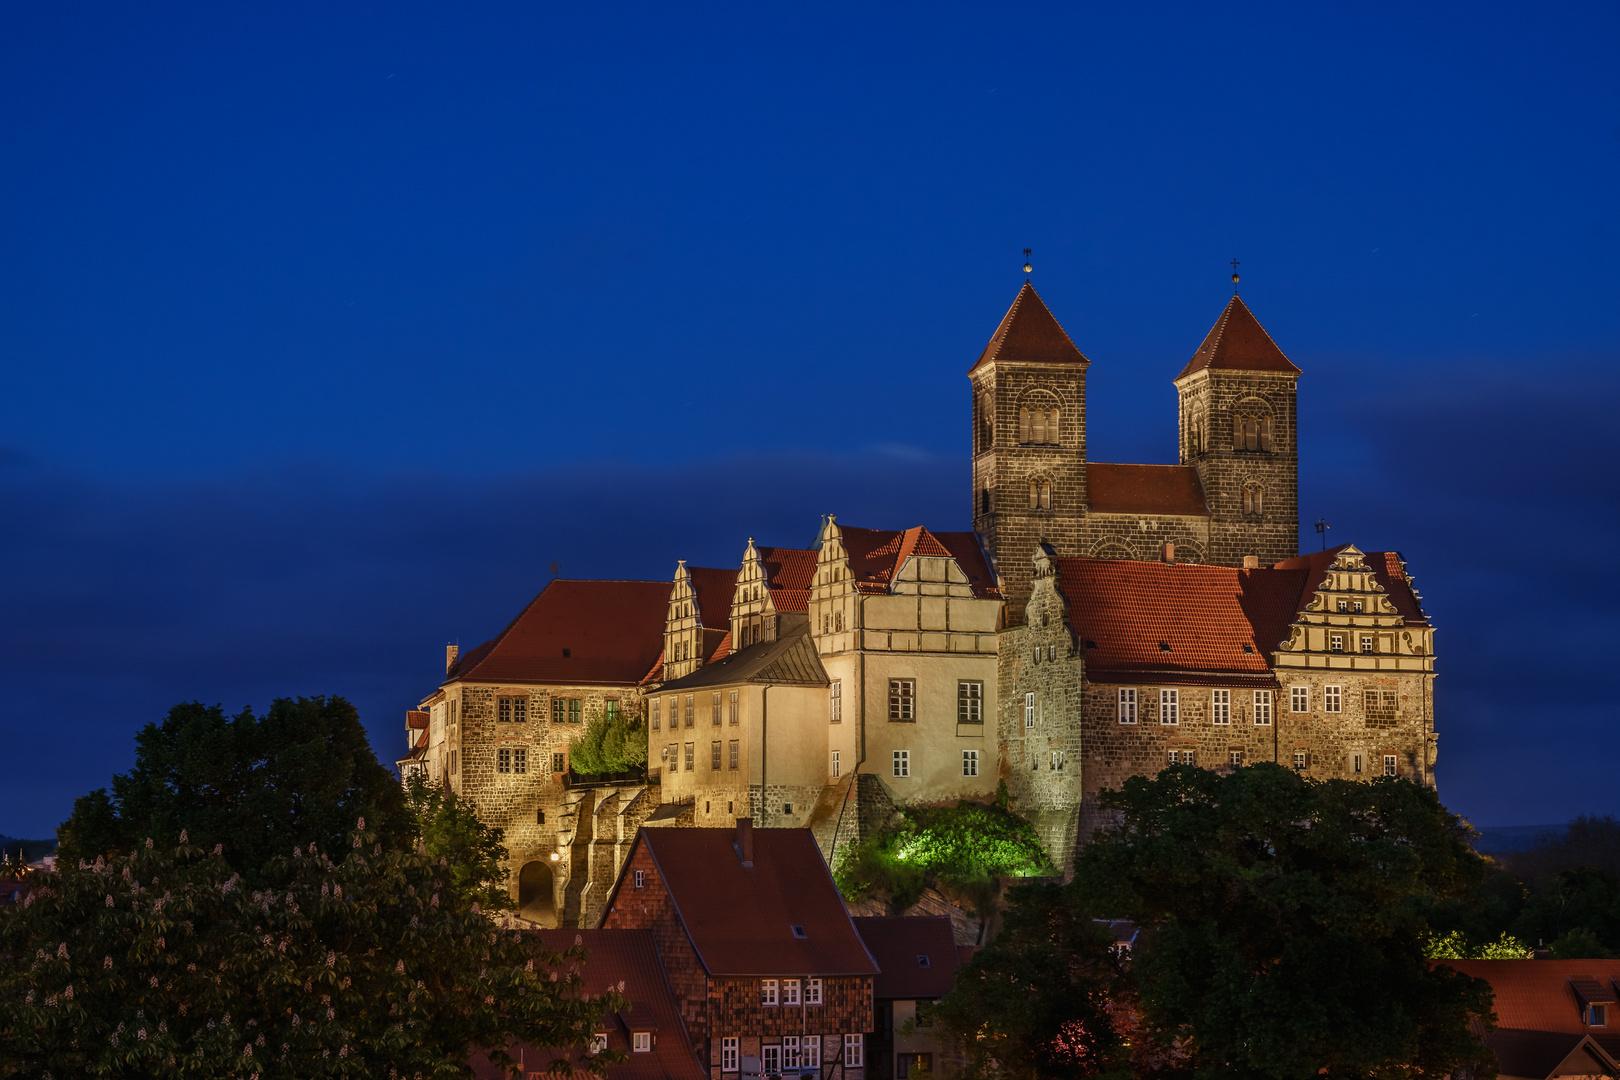 Der Quedlinburger Schlossberg (reloaded)